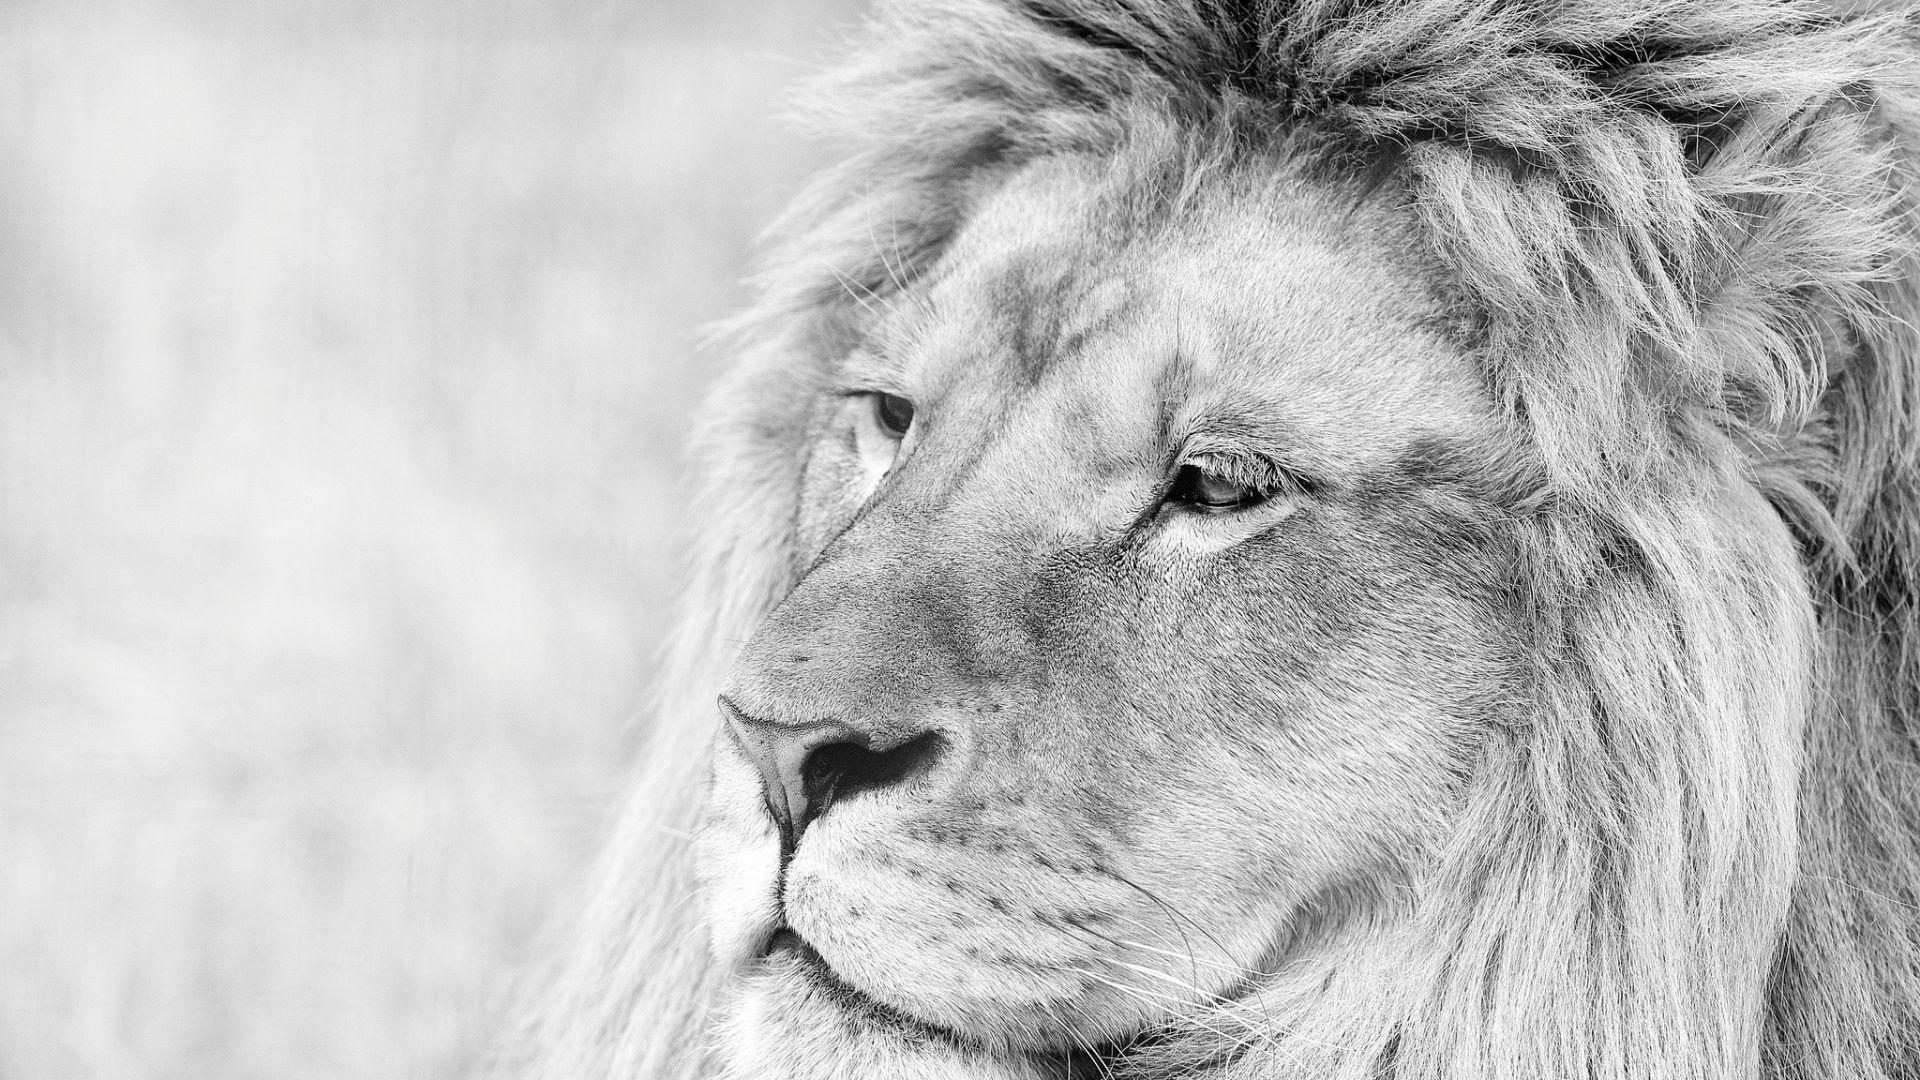 Lion Black And White Animal full wallpaper